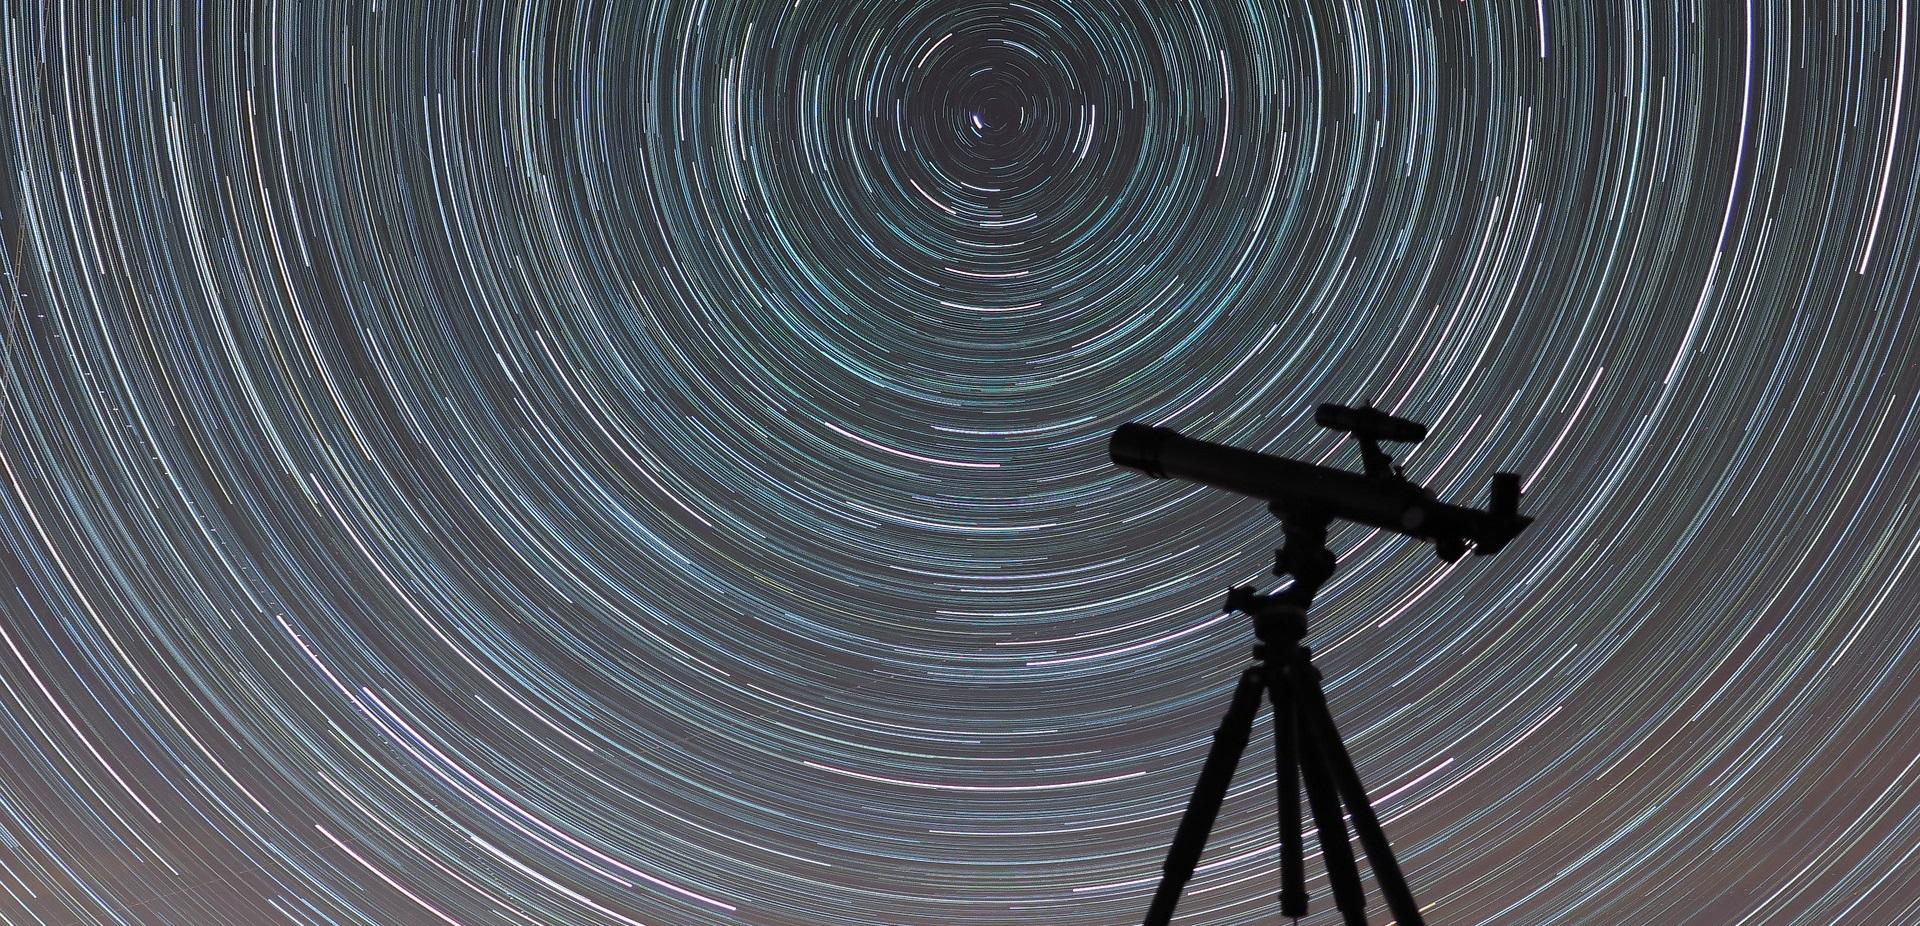 Charla: Astroplanner y resumen charlas asterismos